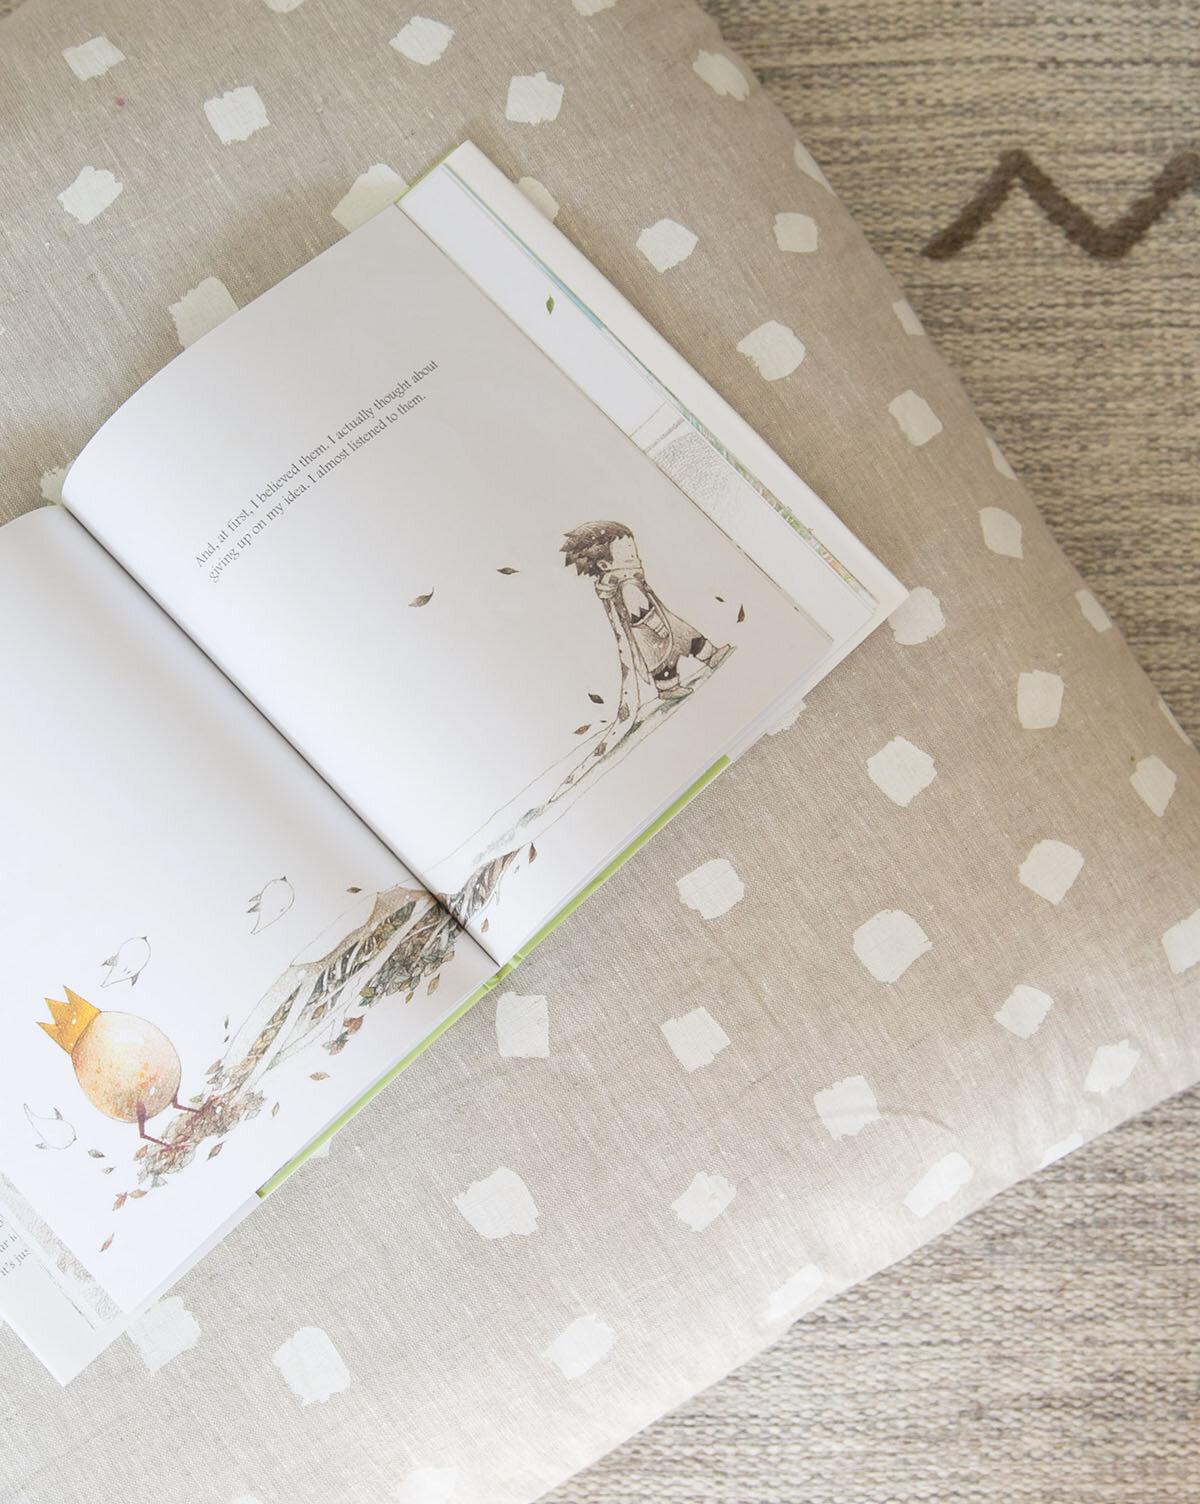 natti natti floor pillow with book